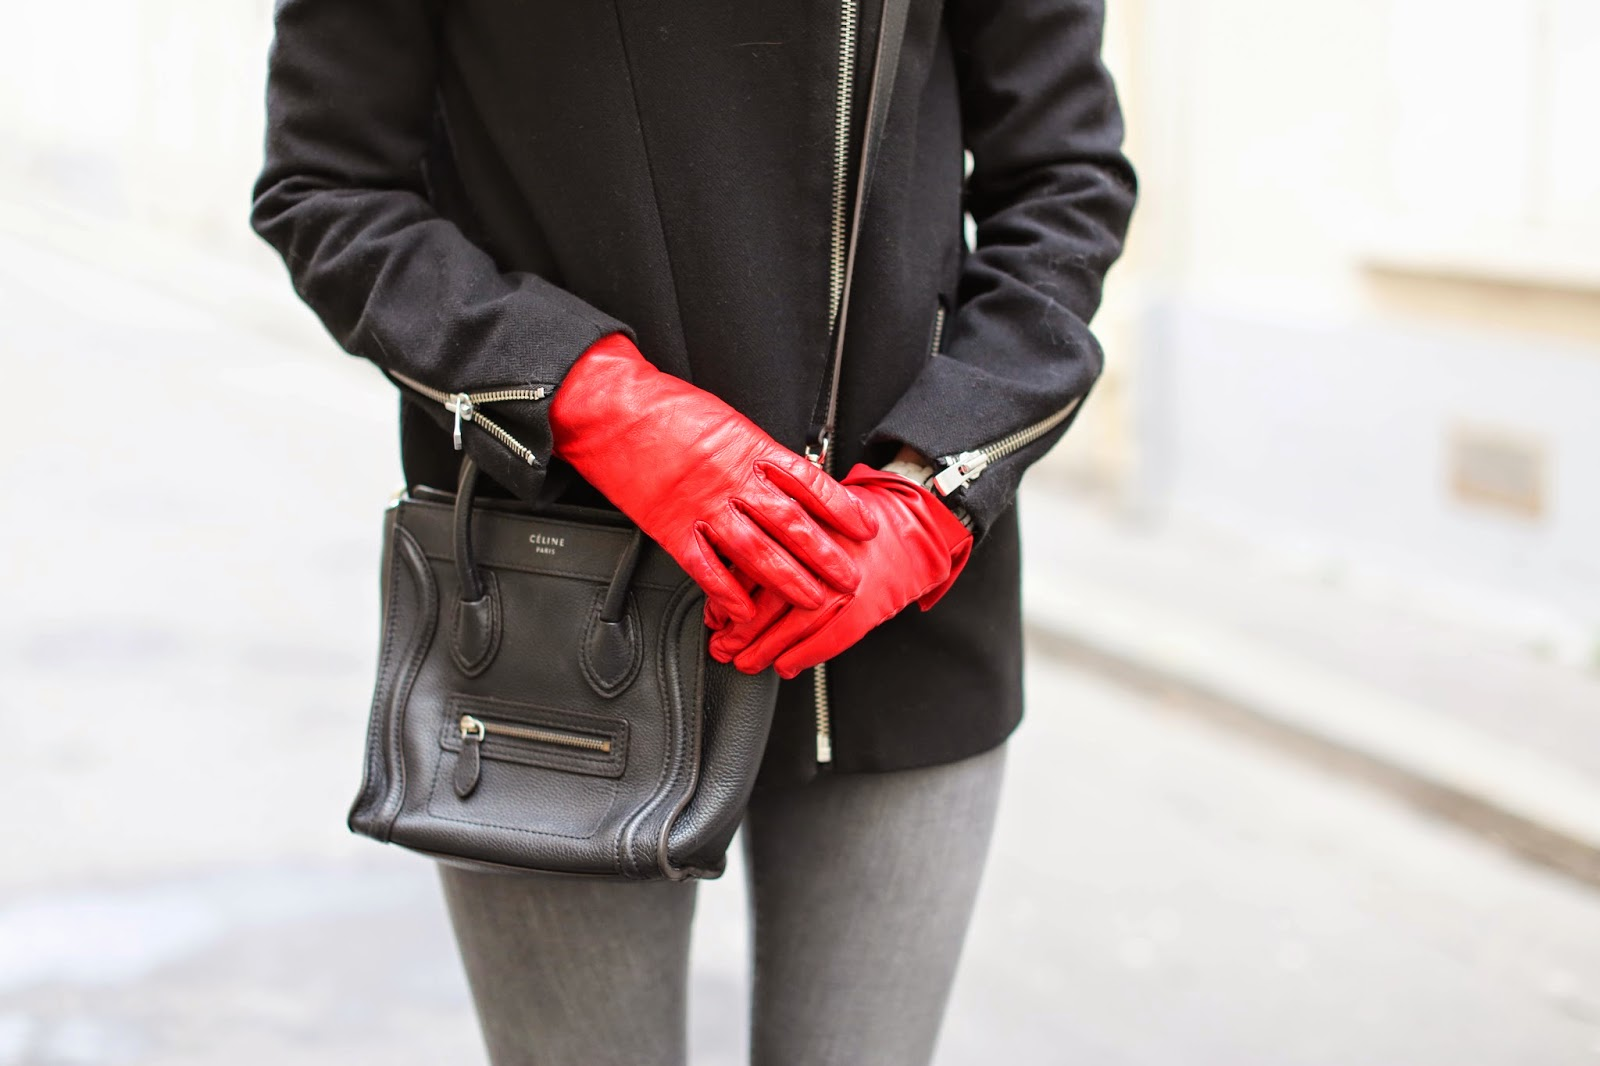 vedgy, maje, topshop, iro, maison michel, céline, gloves, streetstyle, paris